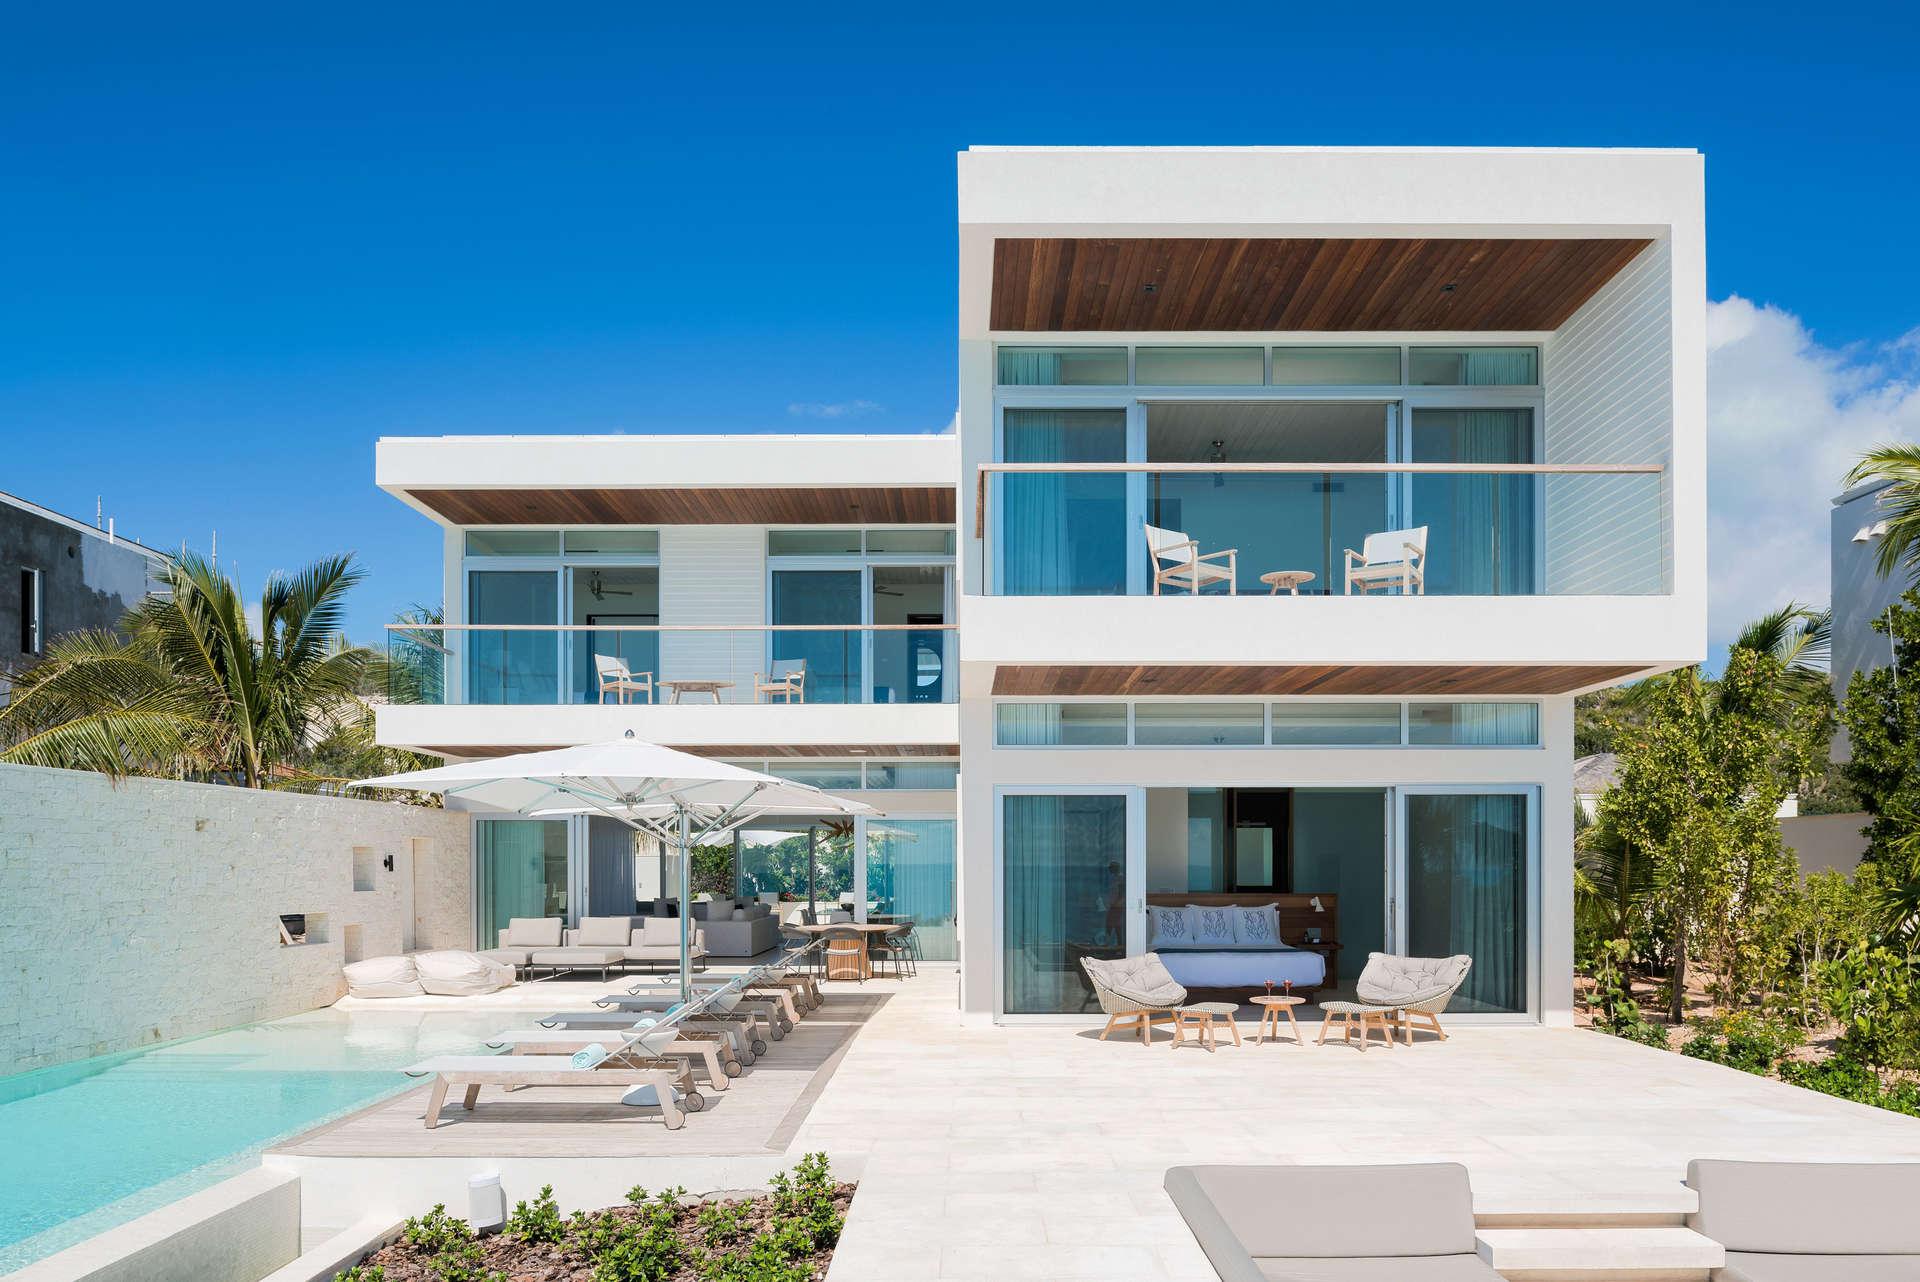 - Buena Villa - Image 1/7